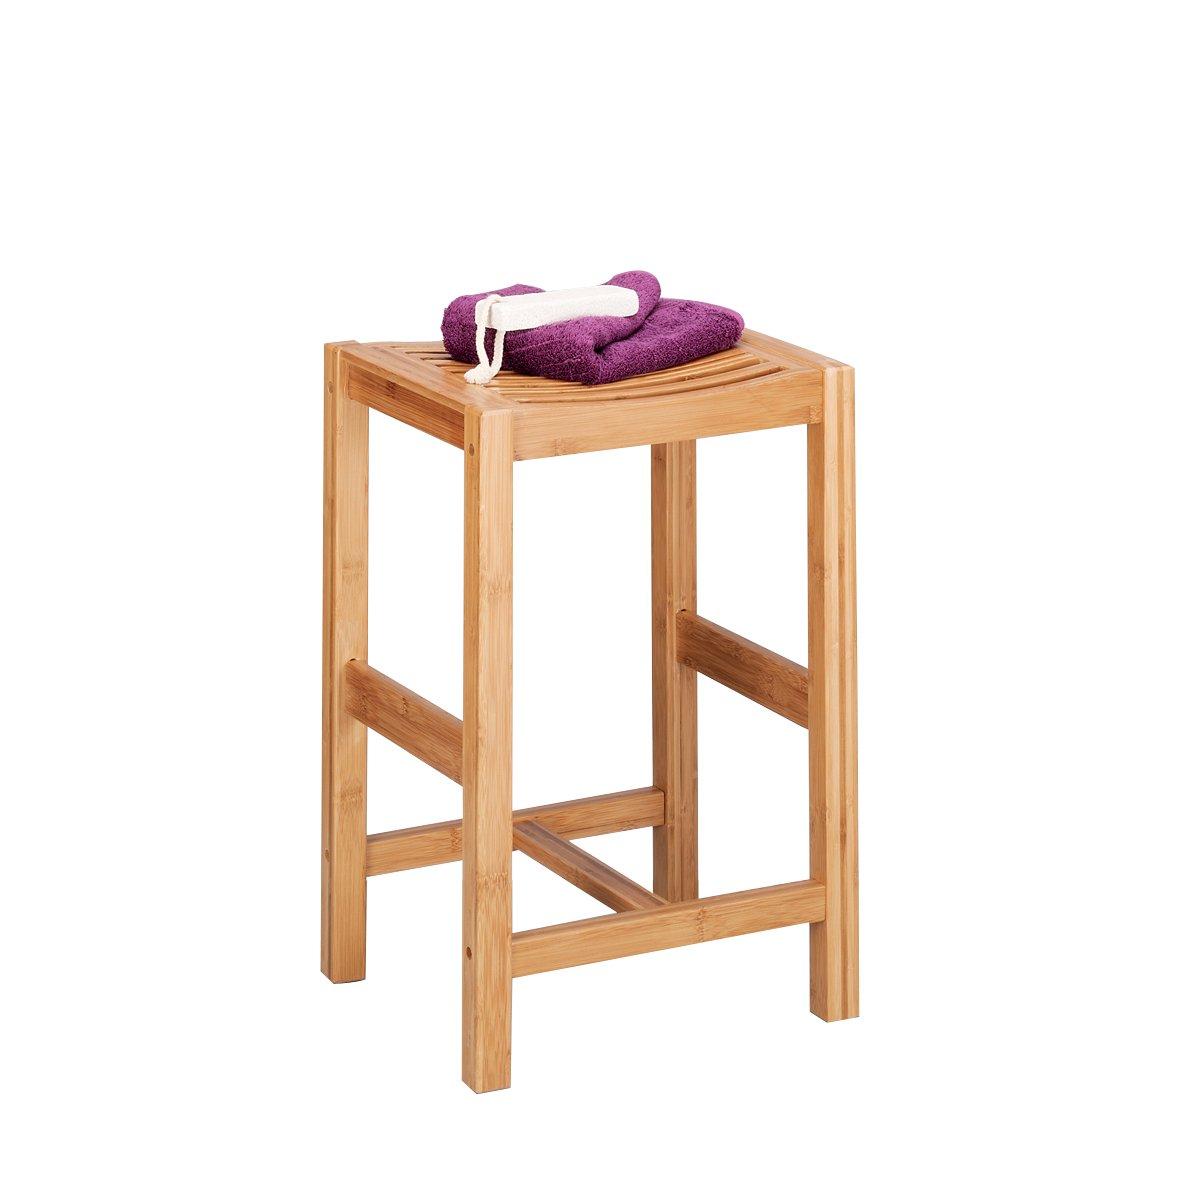 tabouret douche bois tabouret de douche bois u grenoble u but surprenant bois de ro r with. Black Bedroom Furniture Sets. Home Design Ideas